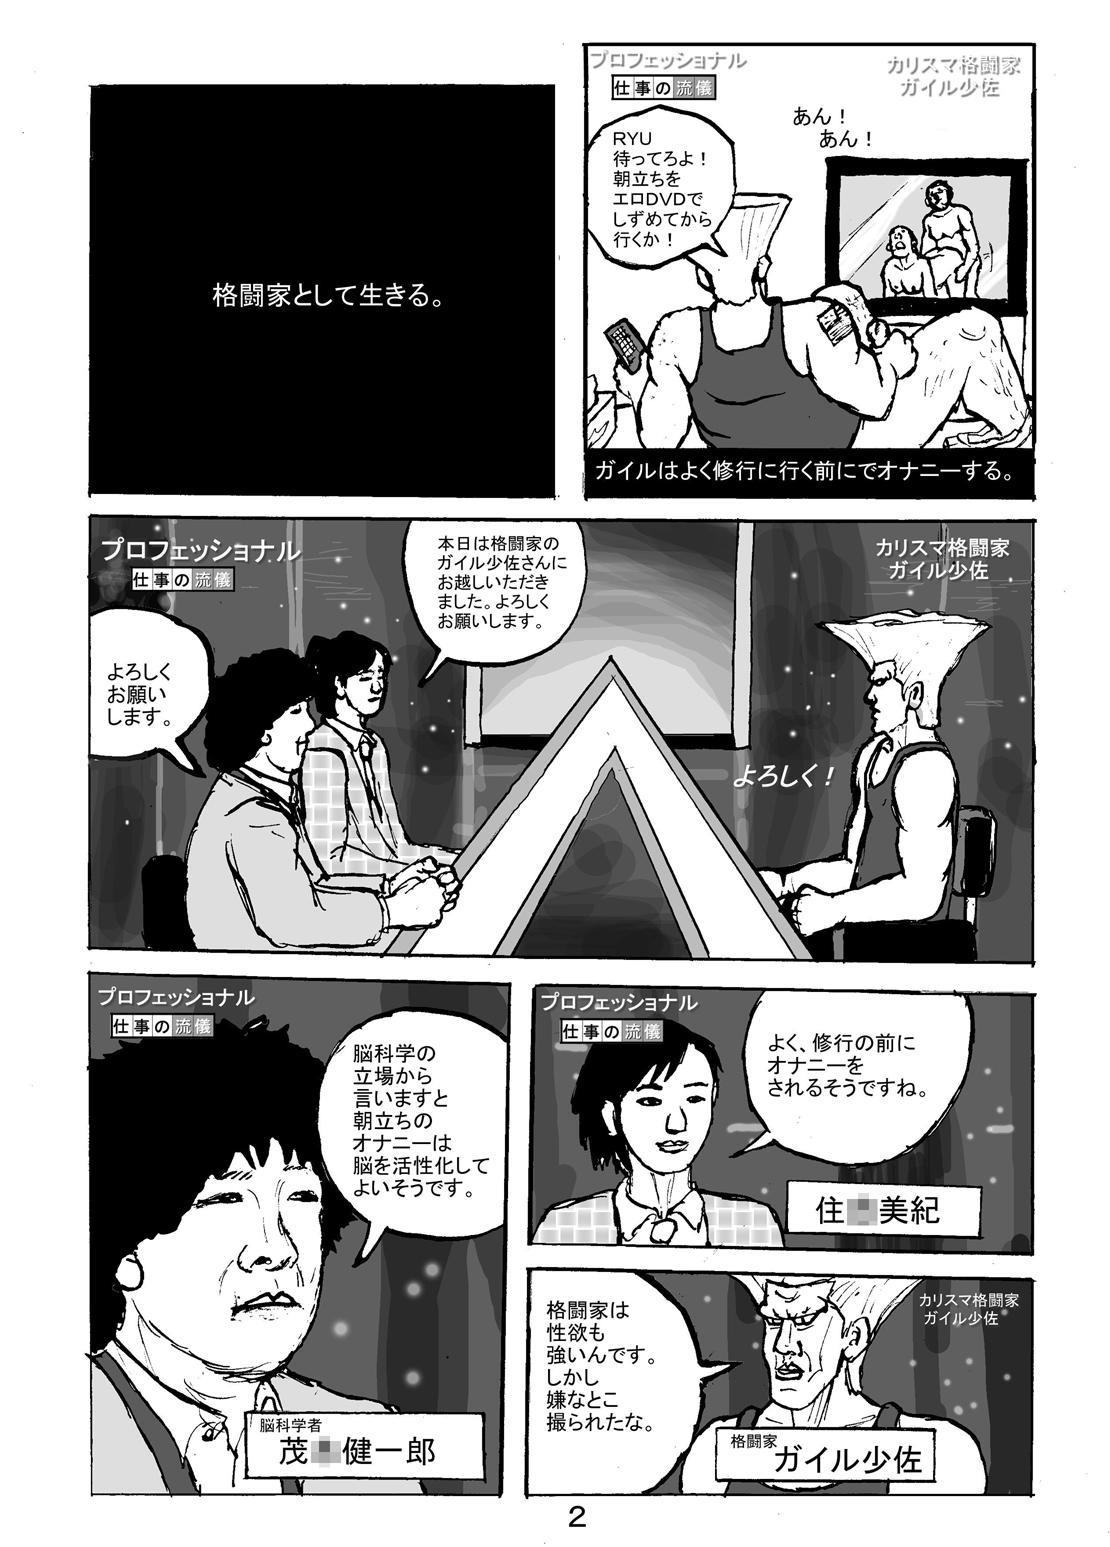 Shikijou Toui 24